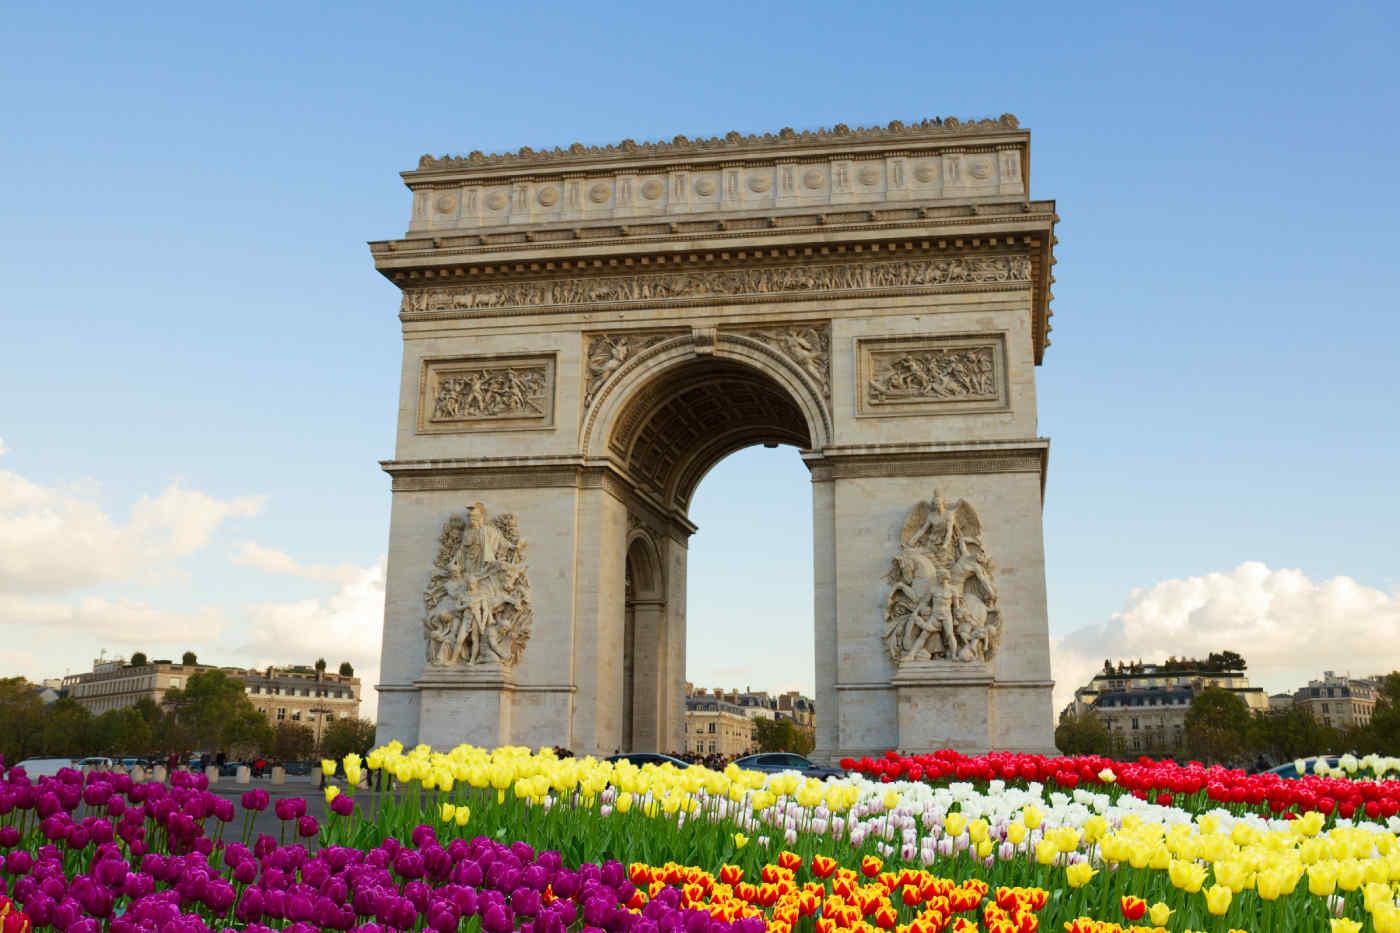 Arc de Trimophe, Paris, France